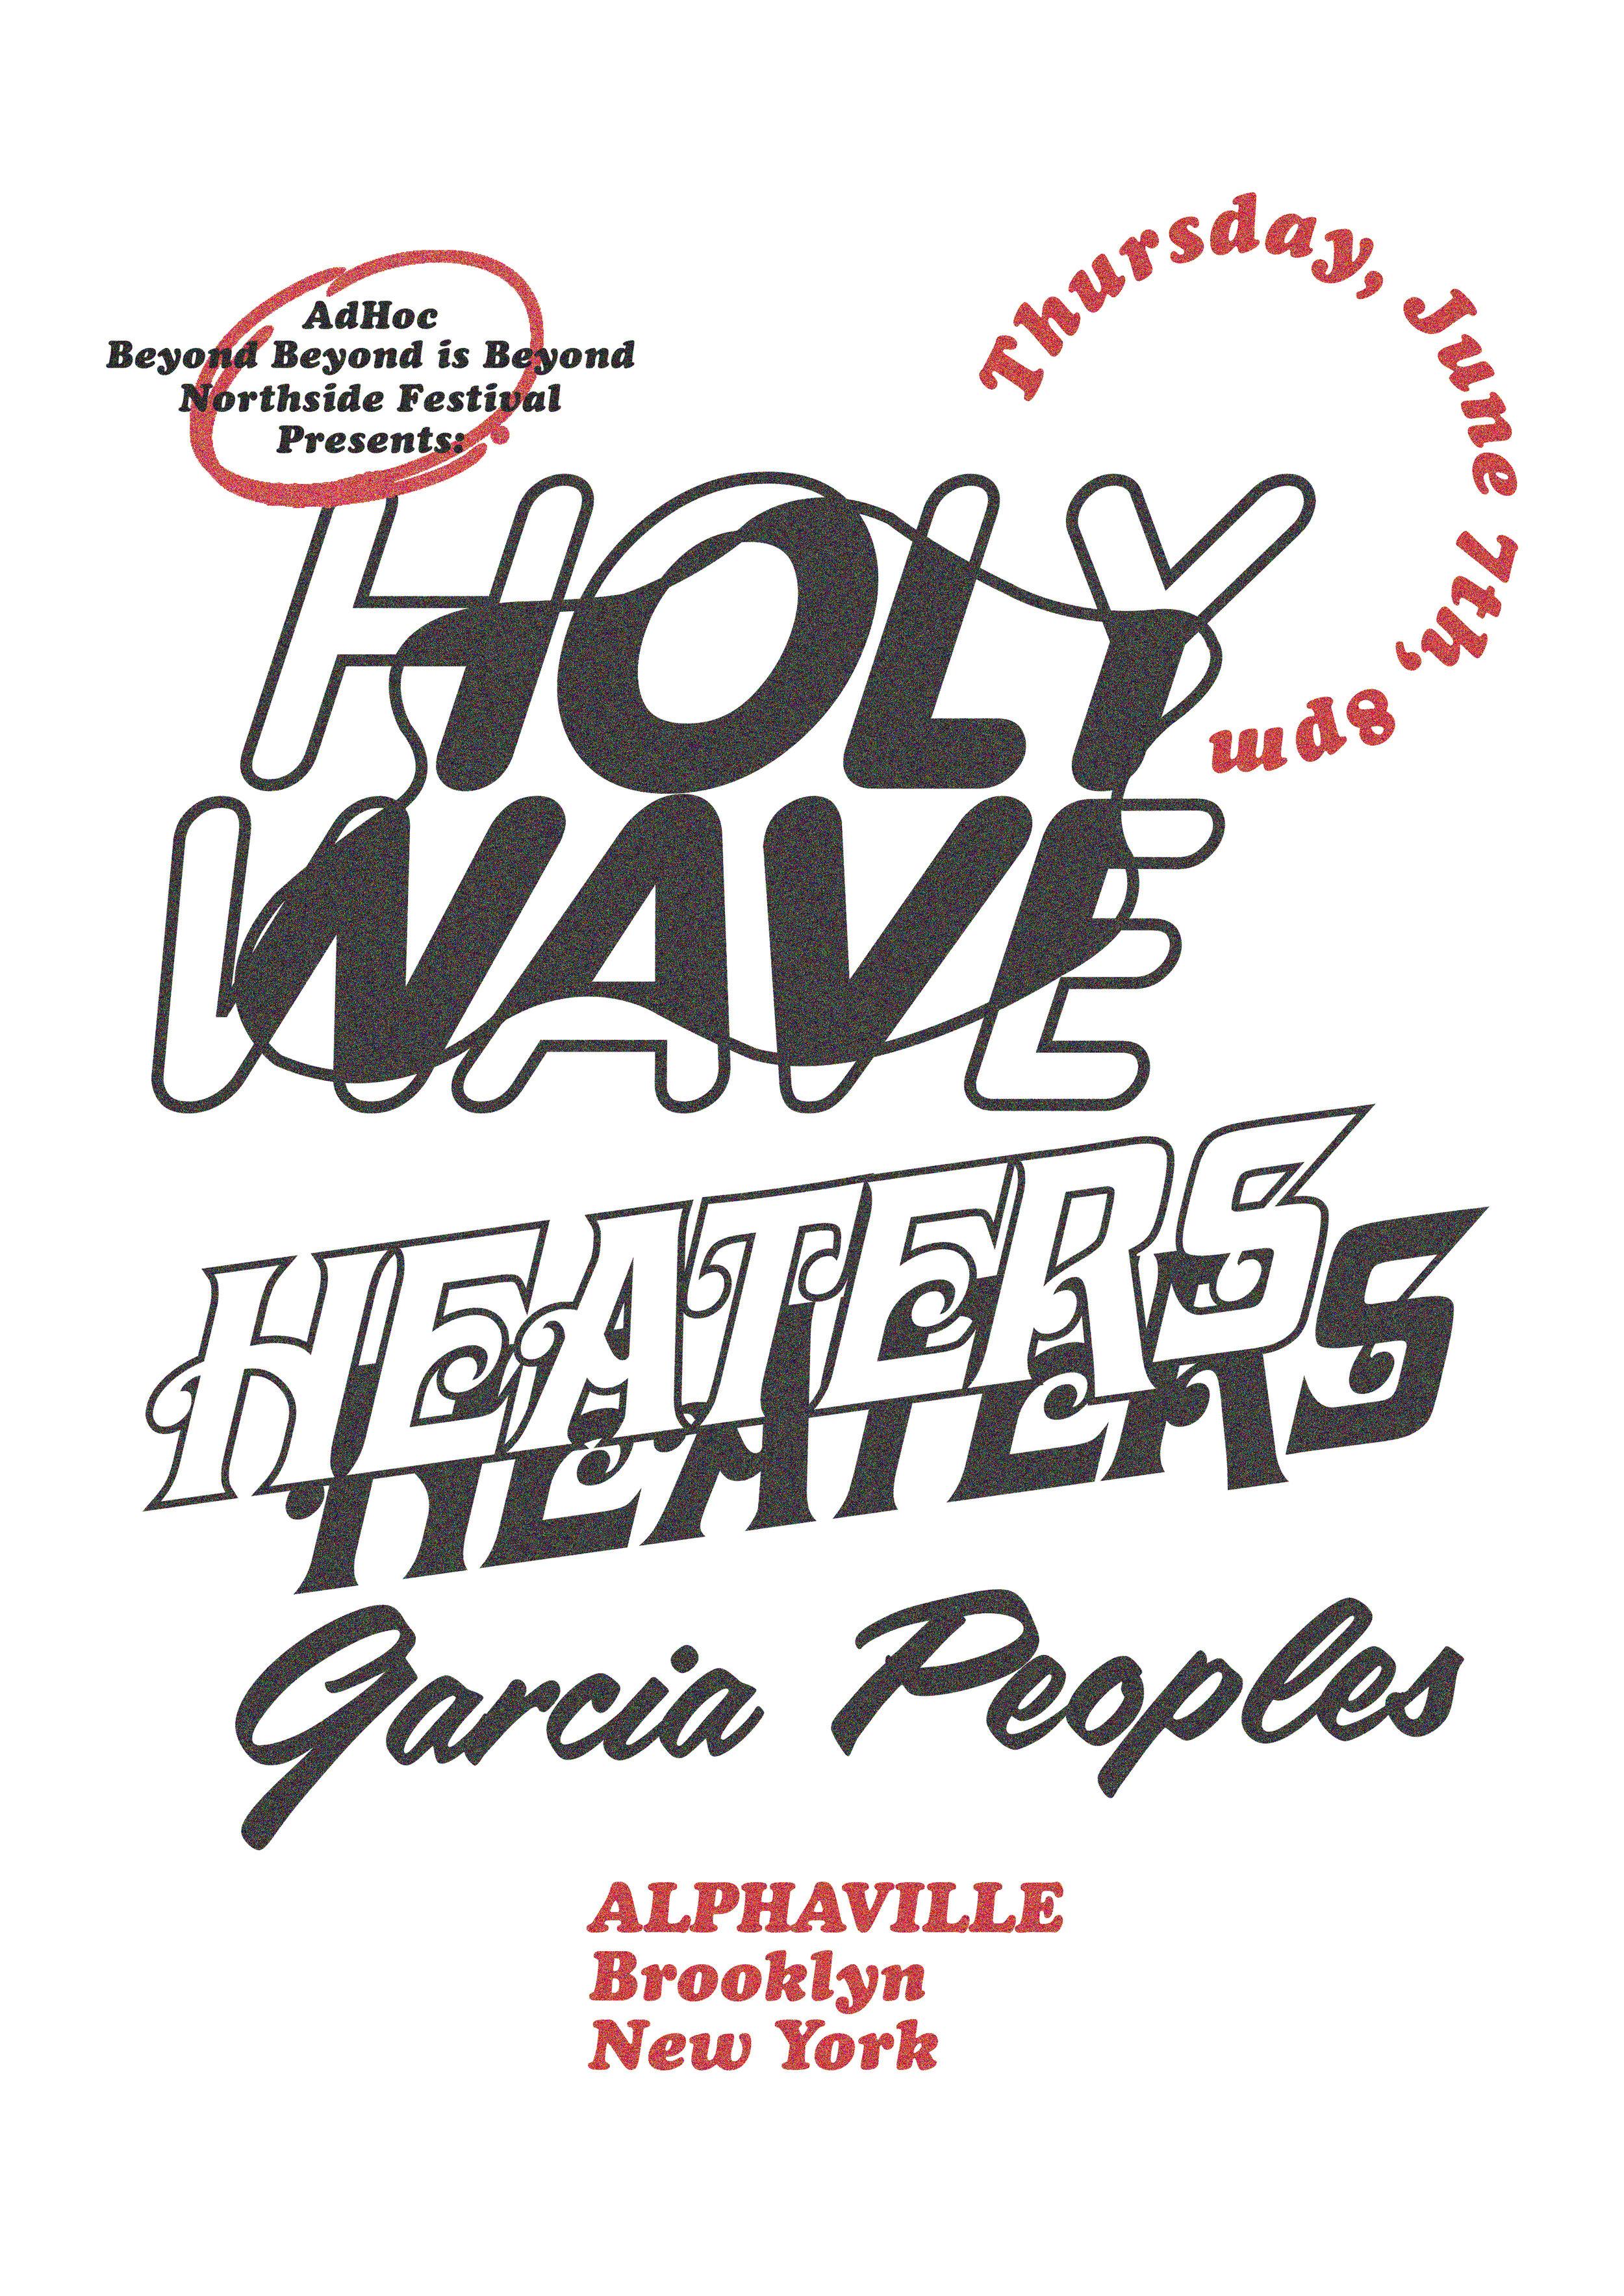 Alphaville Poster_digital use.jpg